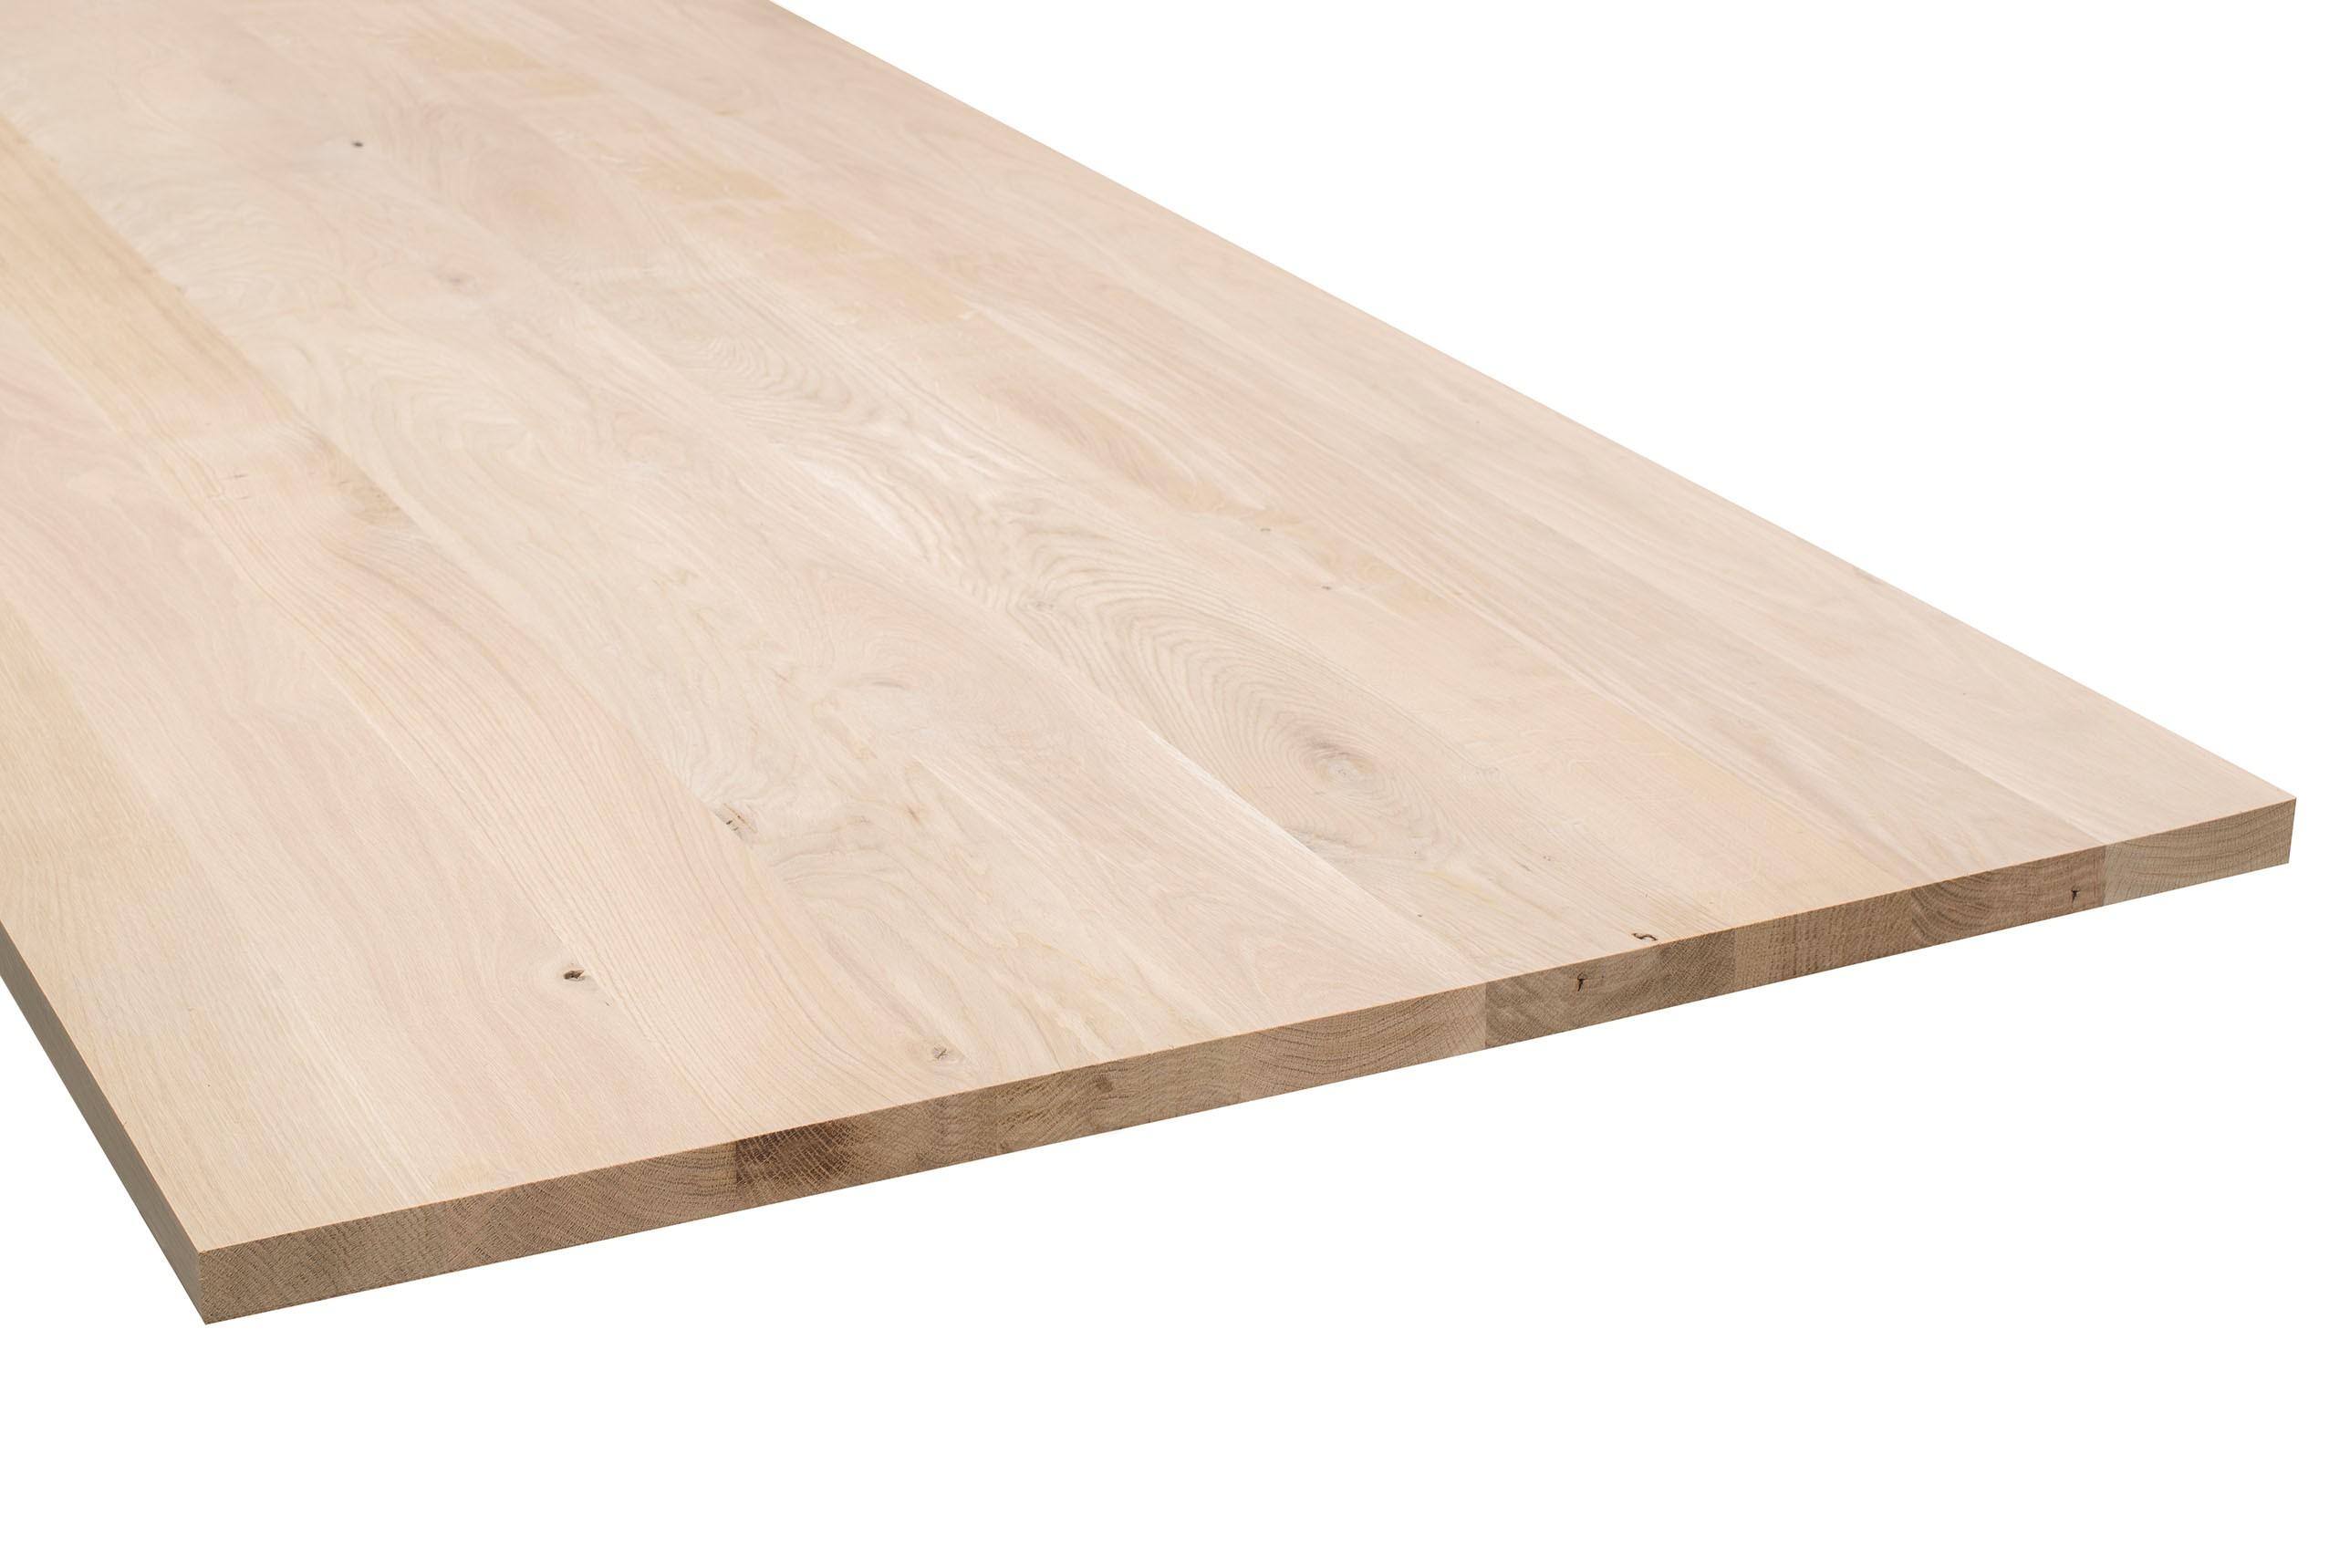 Eiken meubelpanelen  40x1000 mm